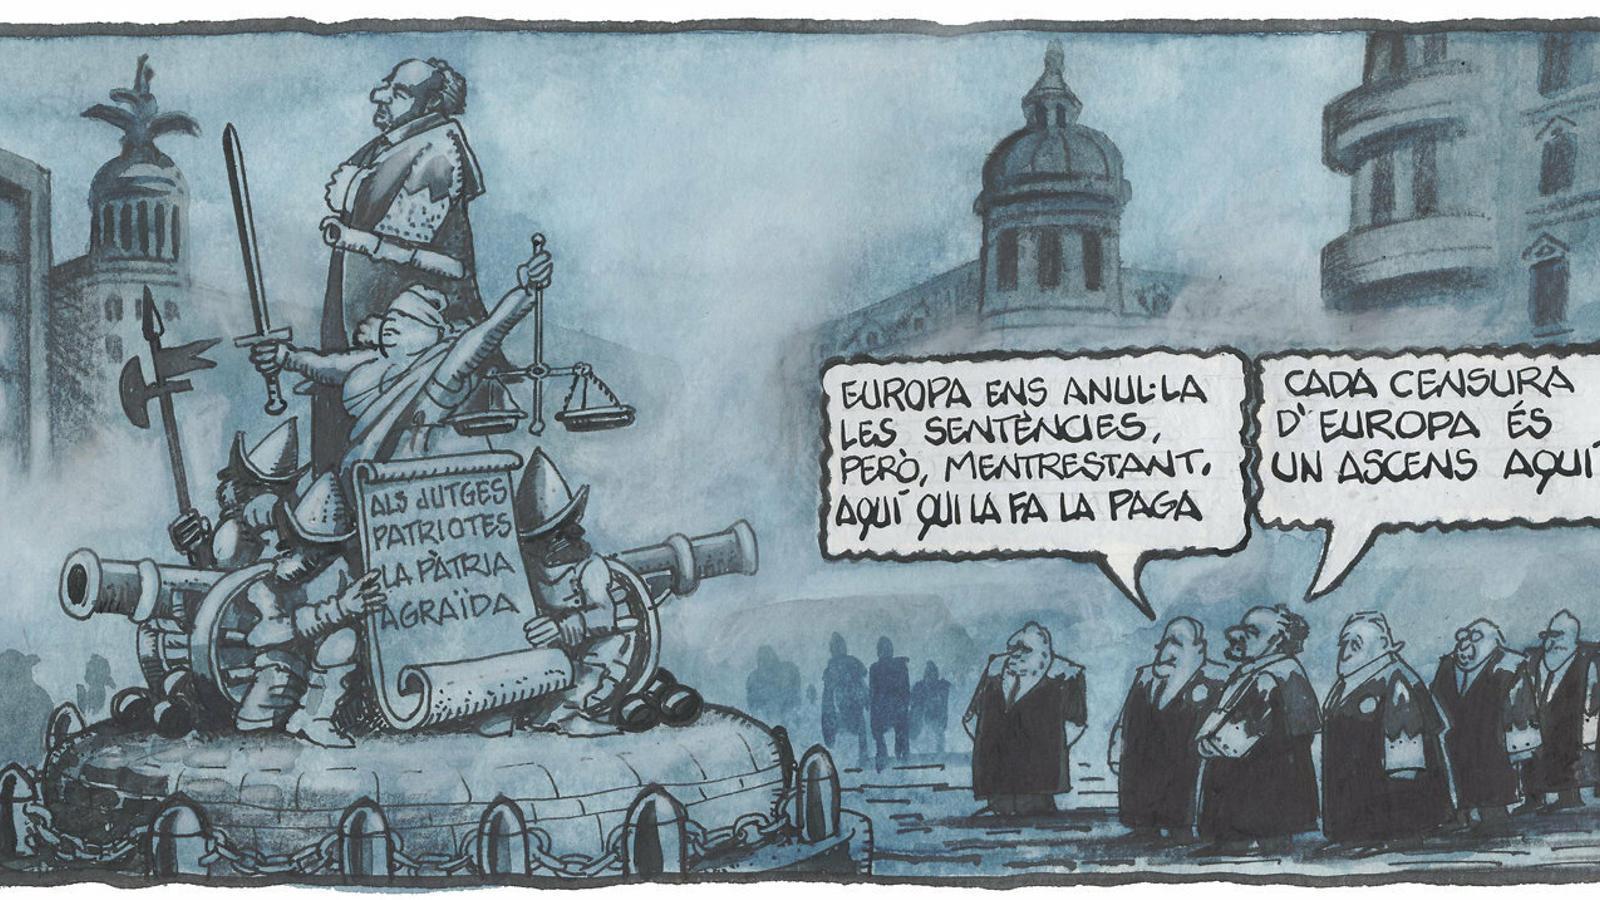 'A la contra', per Ferreres 01/11/2019